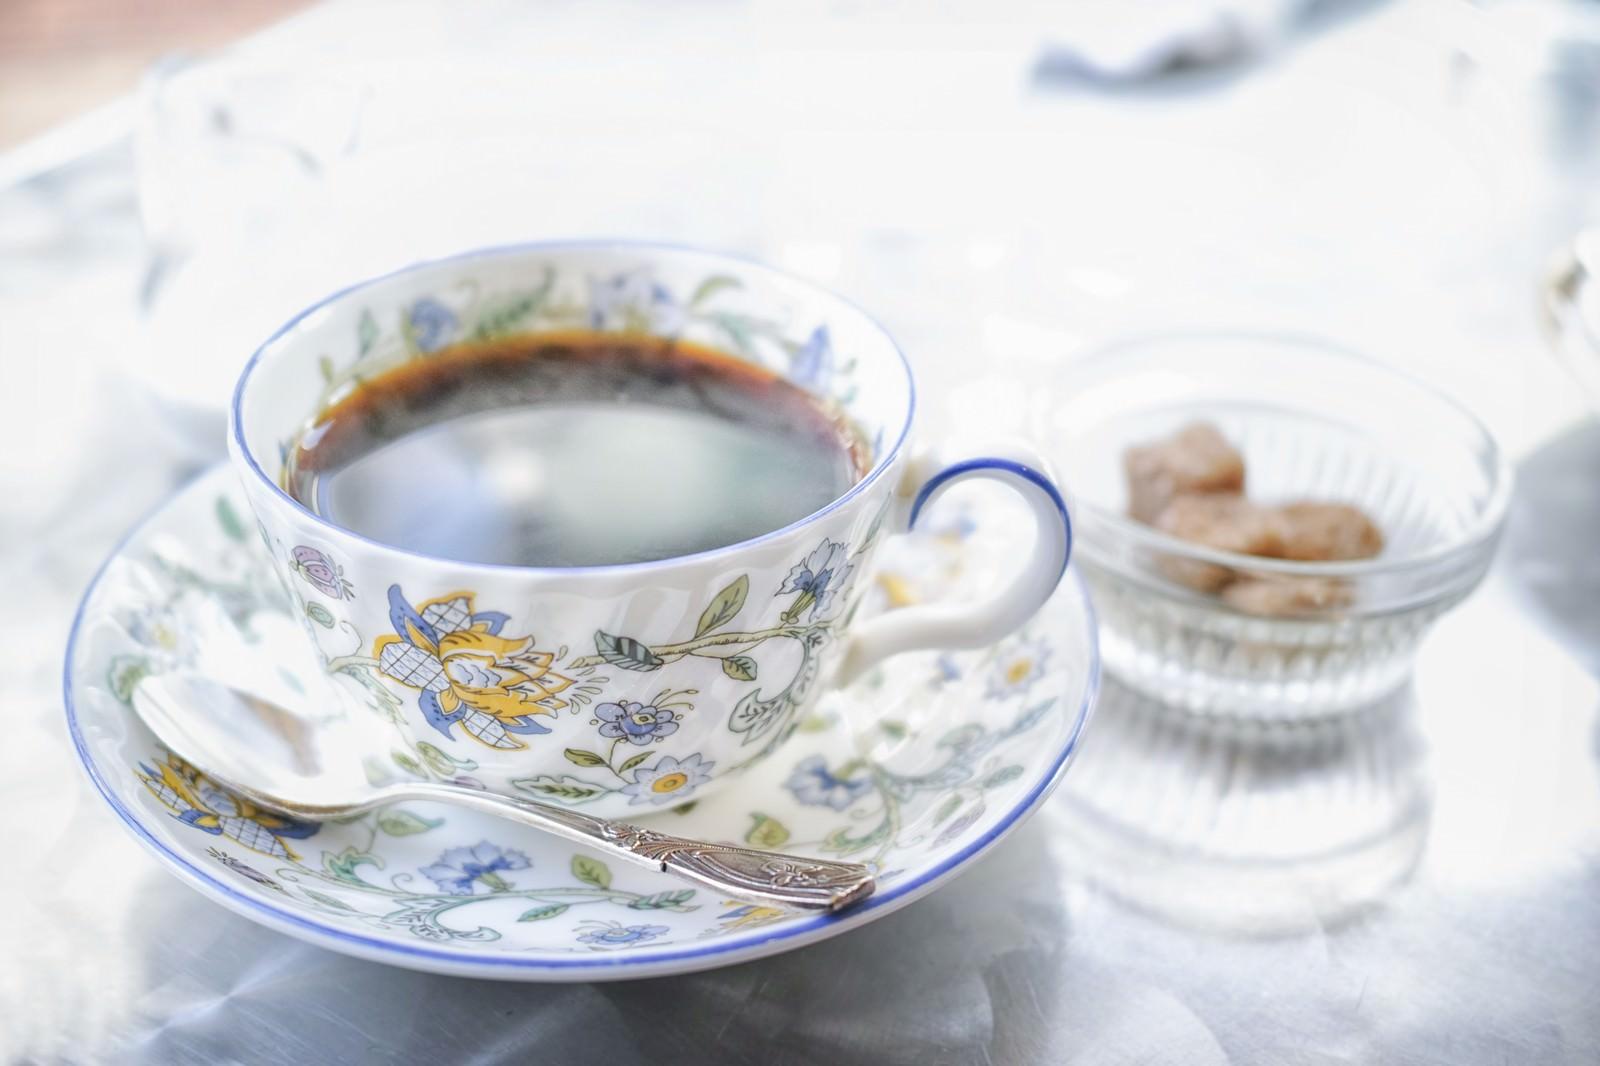 「ティーカップと黒砂糖ティーカップと黒砂糖」のフリー写真素材を拡大